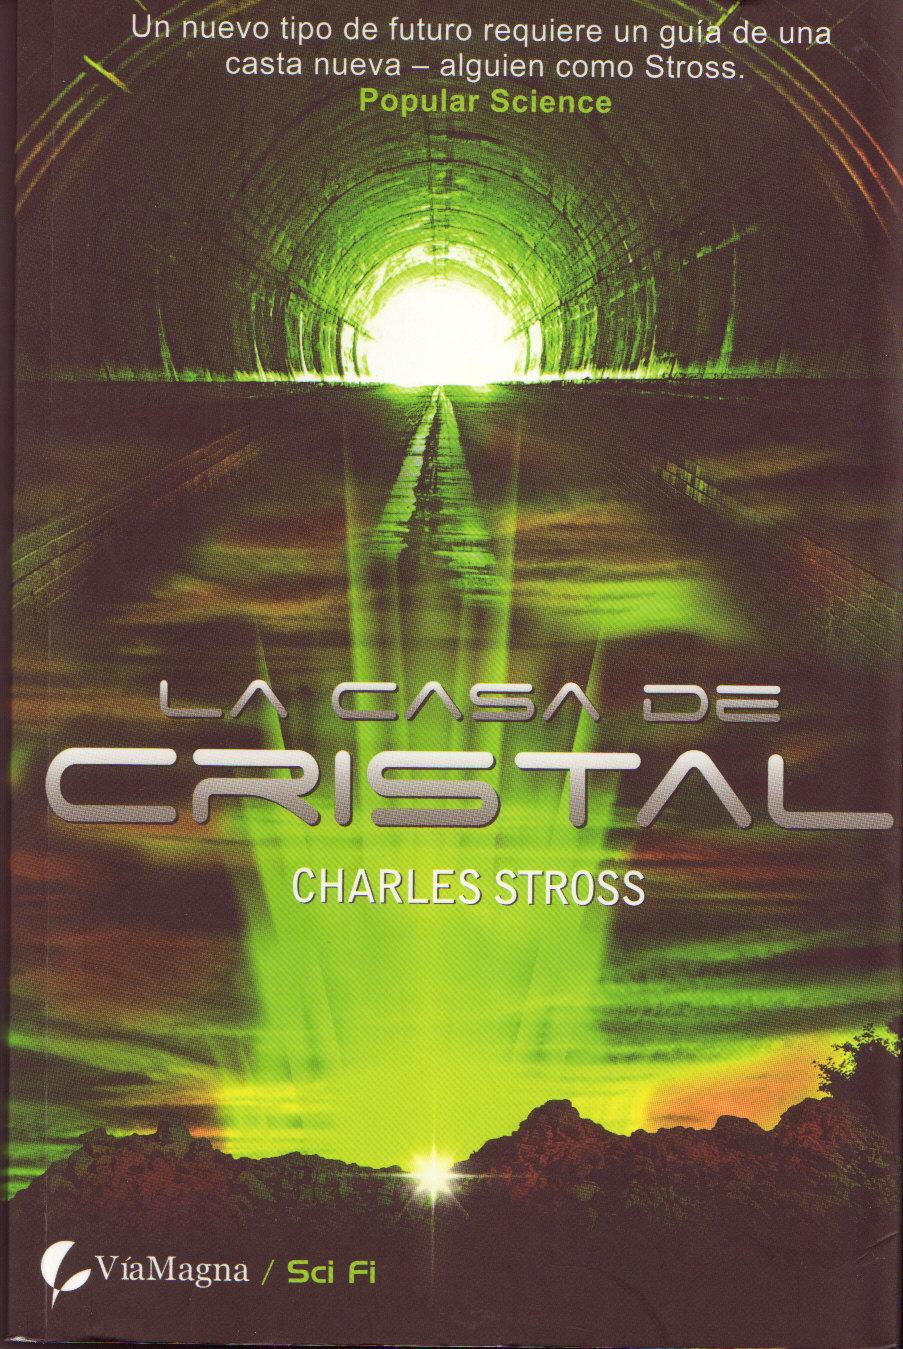 Más sobre La casa de cristal